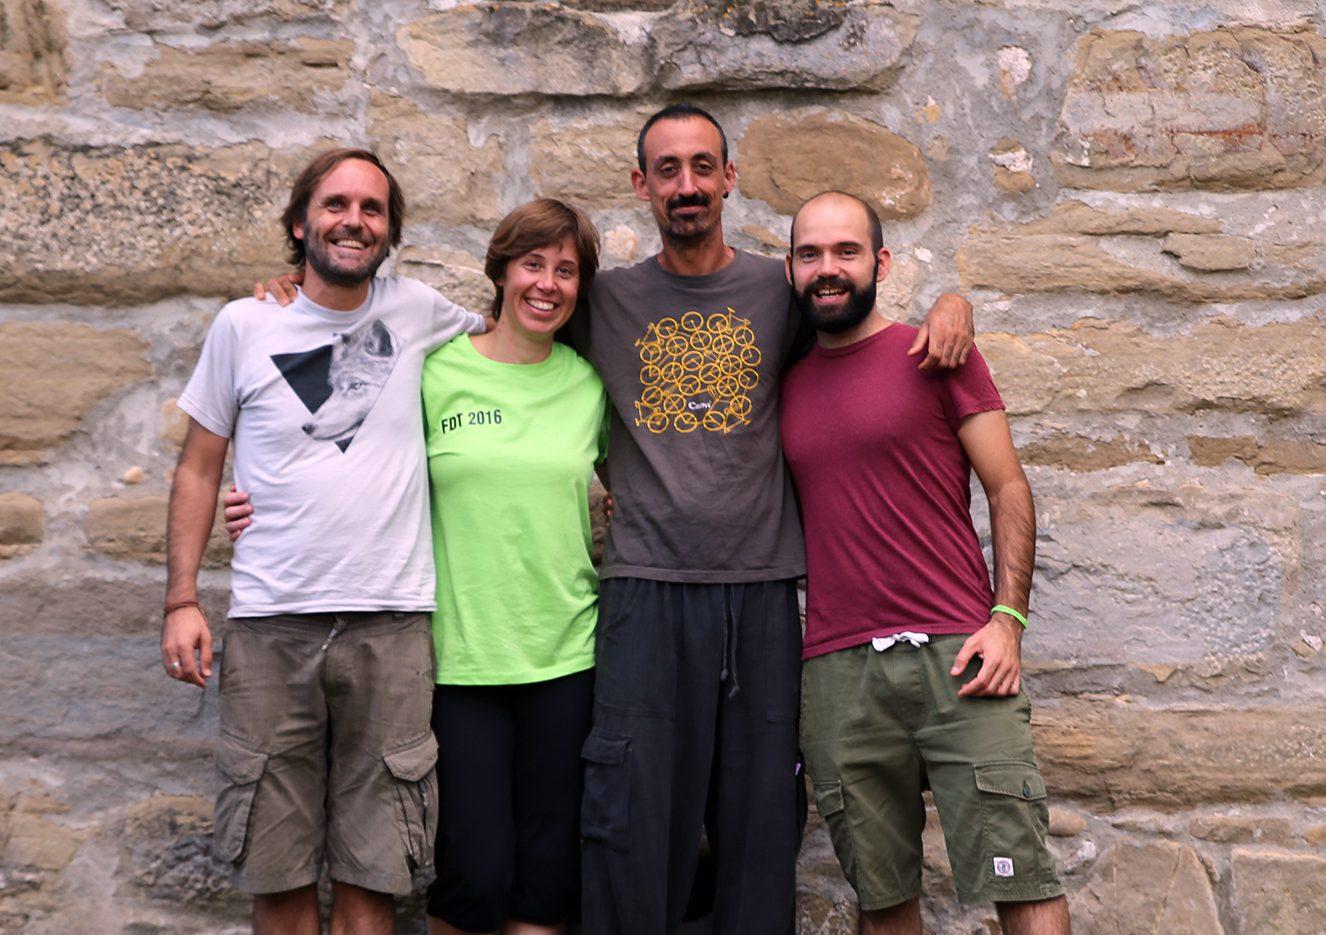 Jorge Carrasco y Mauri Mendez con Oriol Mascaró, regidor de Medio Ambiente, y su compañera Gemma